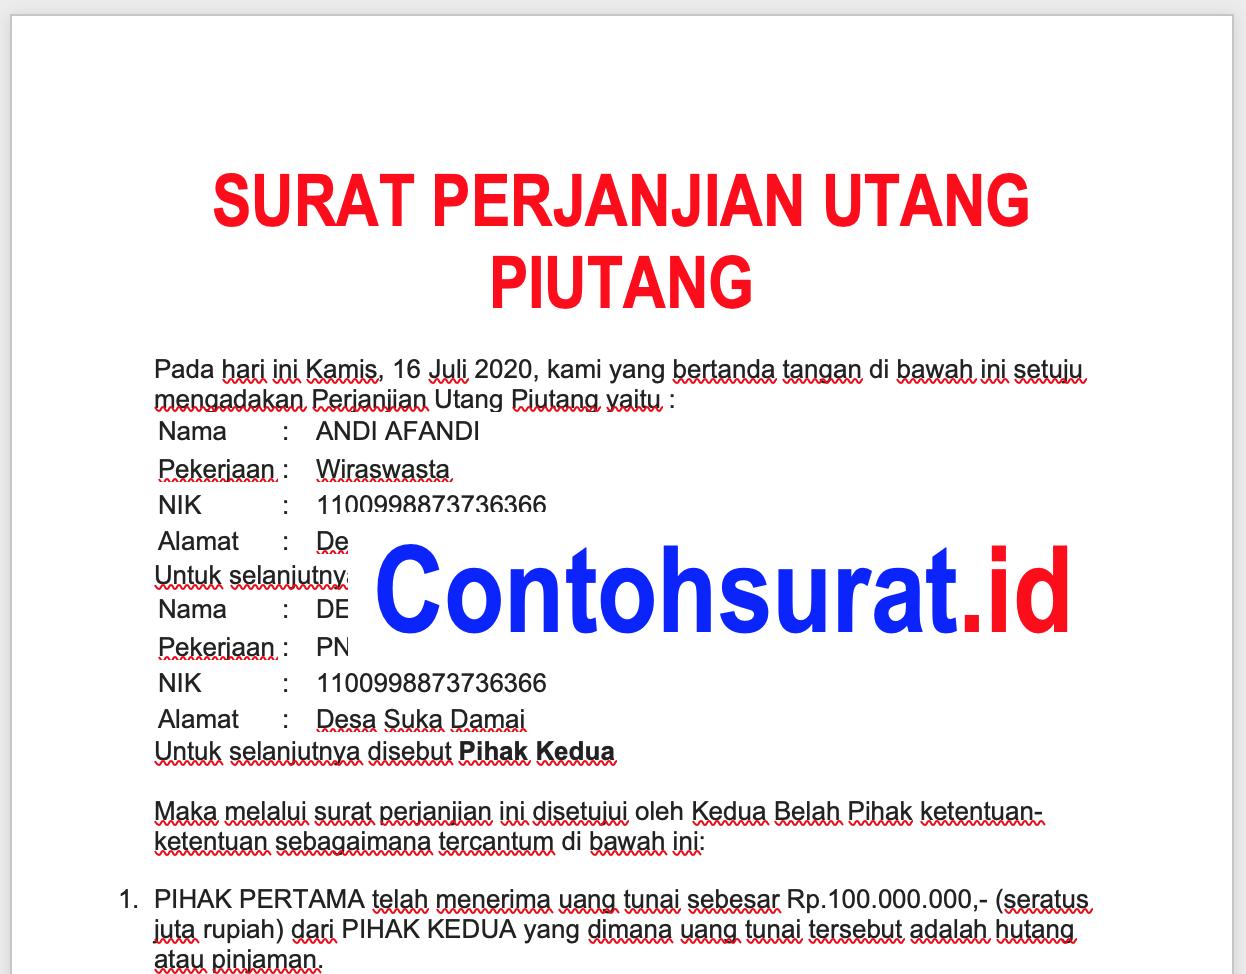 Contoh Surat Perjanjian Hutang Piutang Akta Kelahiran Surat Nama